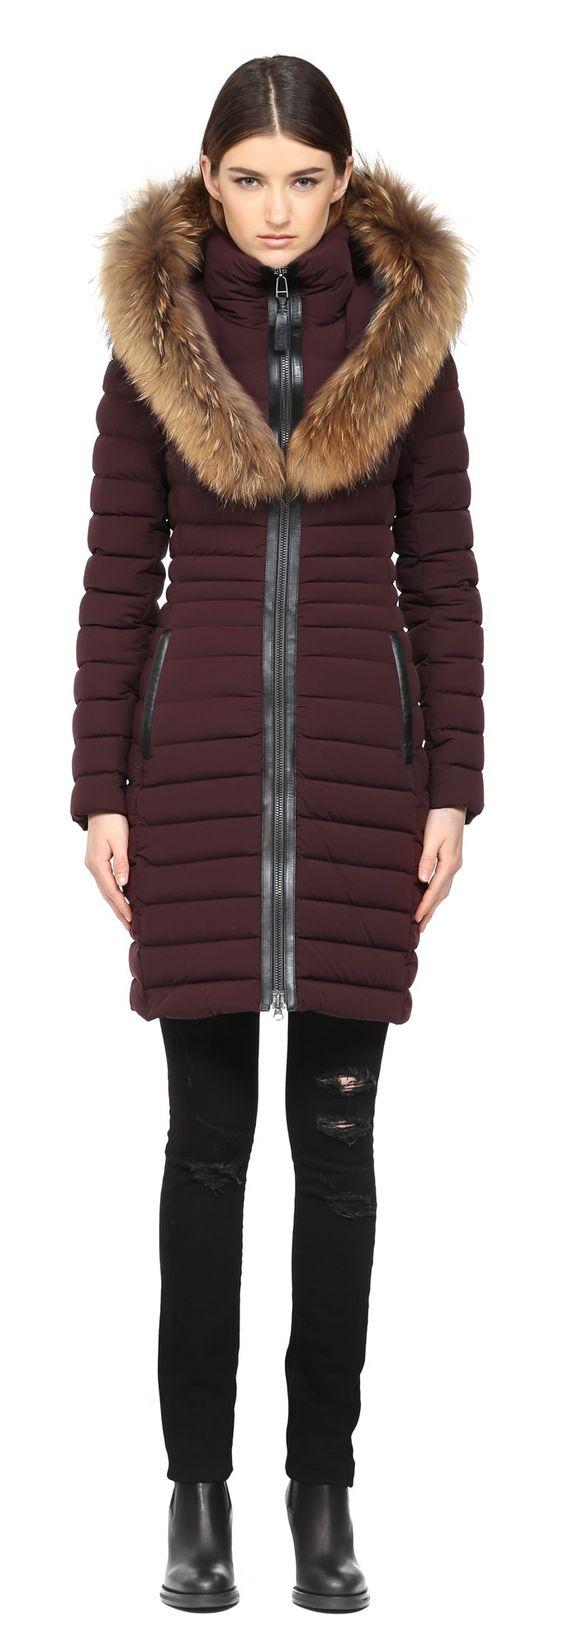 Mackage - Manteau en duvet léger Kaylina disponible en taille TTP - prix régulier 795,00$